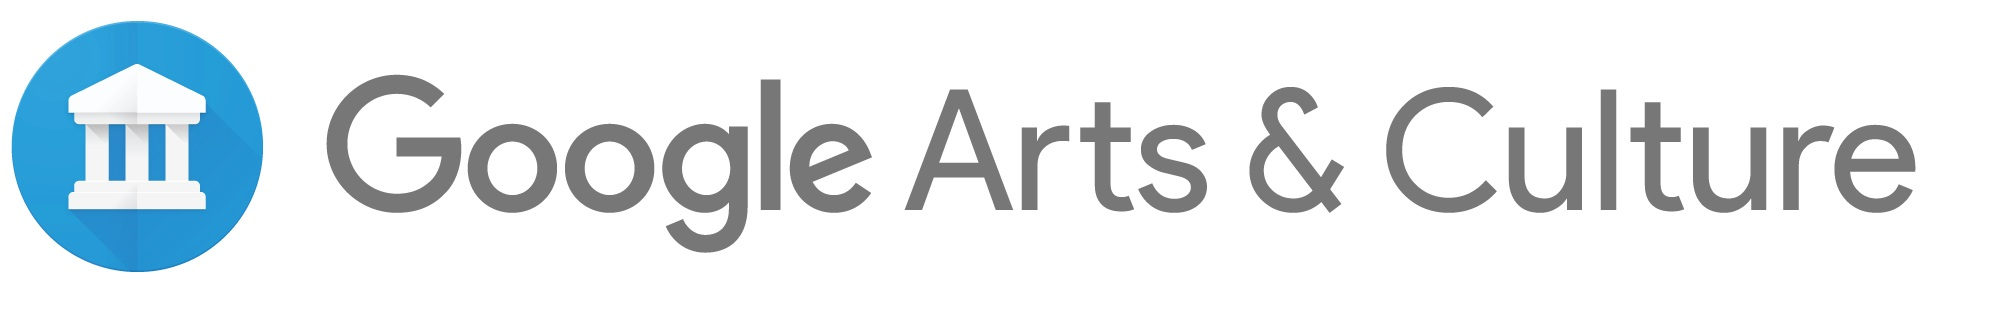 Google Arts & Culture long logo